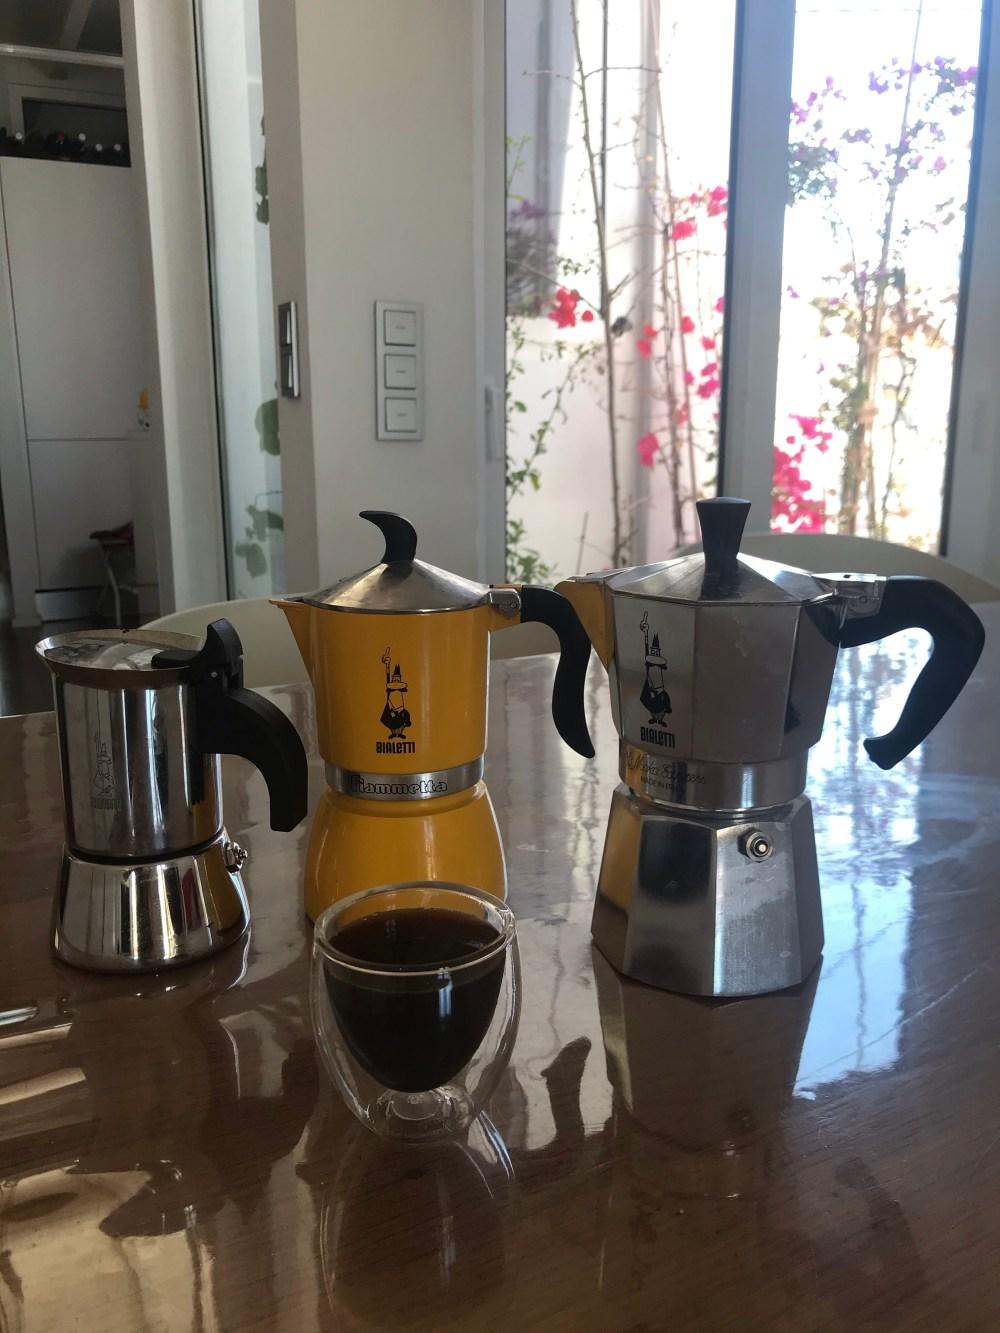 Os três modelos de cafeteira Bialetti que uso em casa